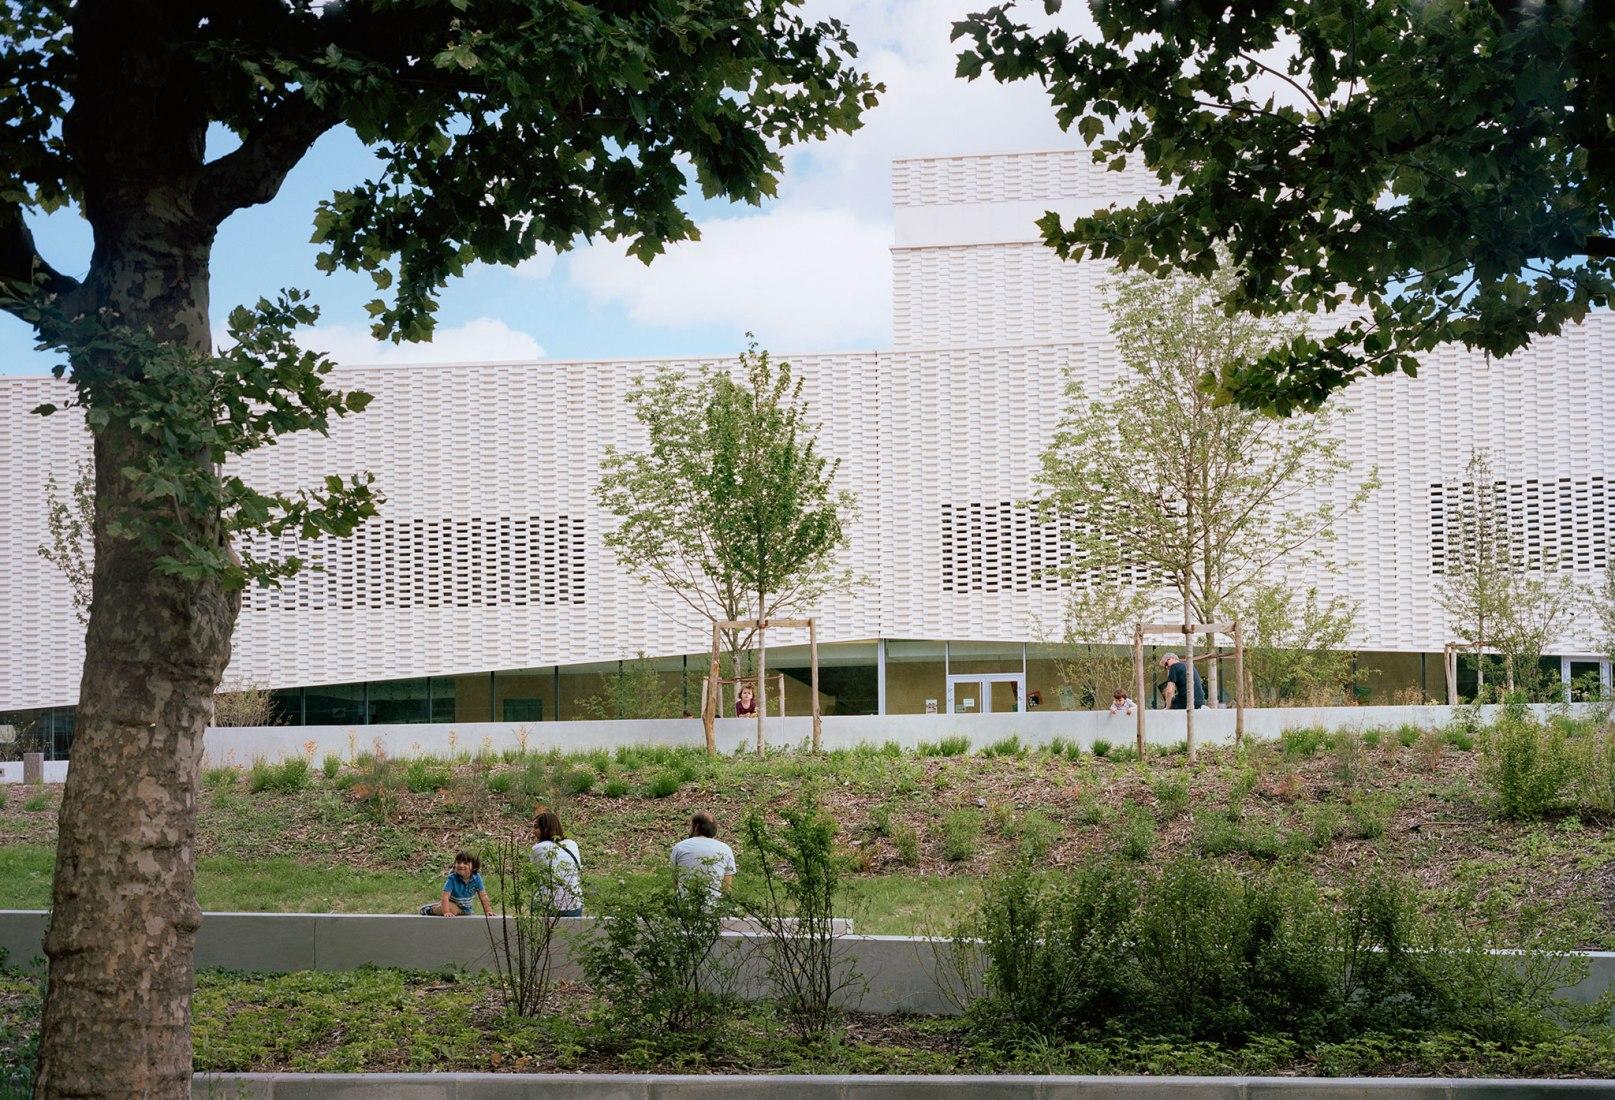 Vista exterior. Teatro Jacques Carat por Ateliers O-S Architectes. Fotografía por Cyrille Weiner